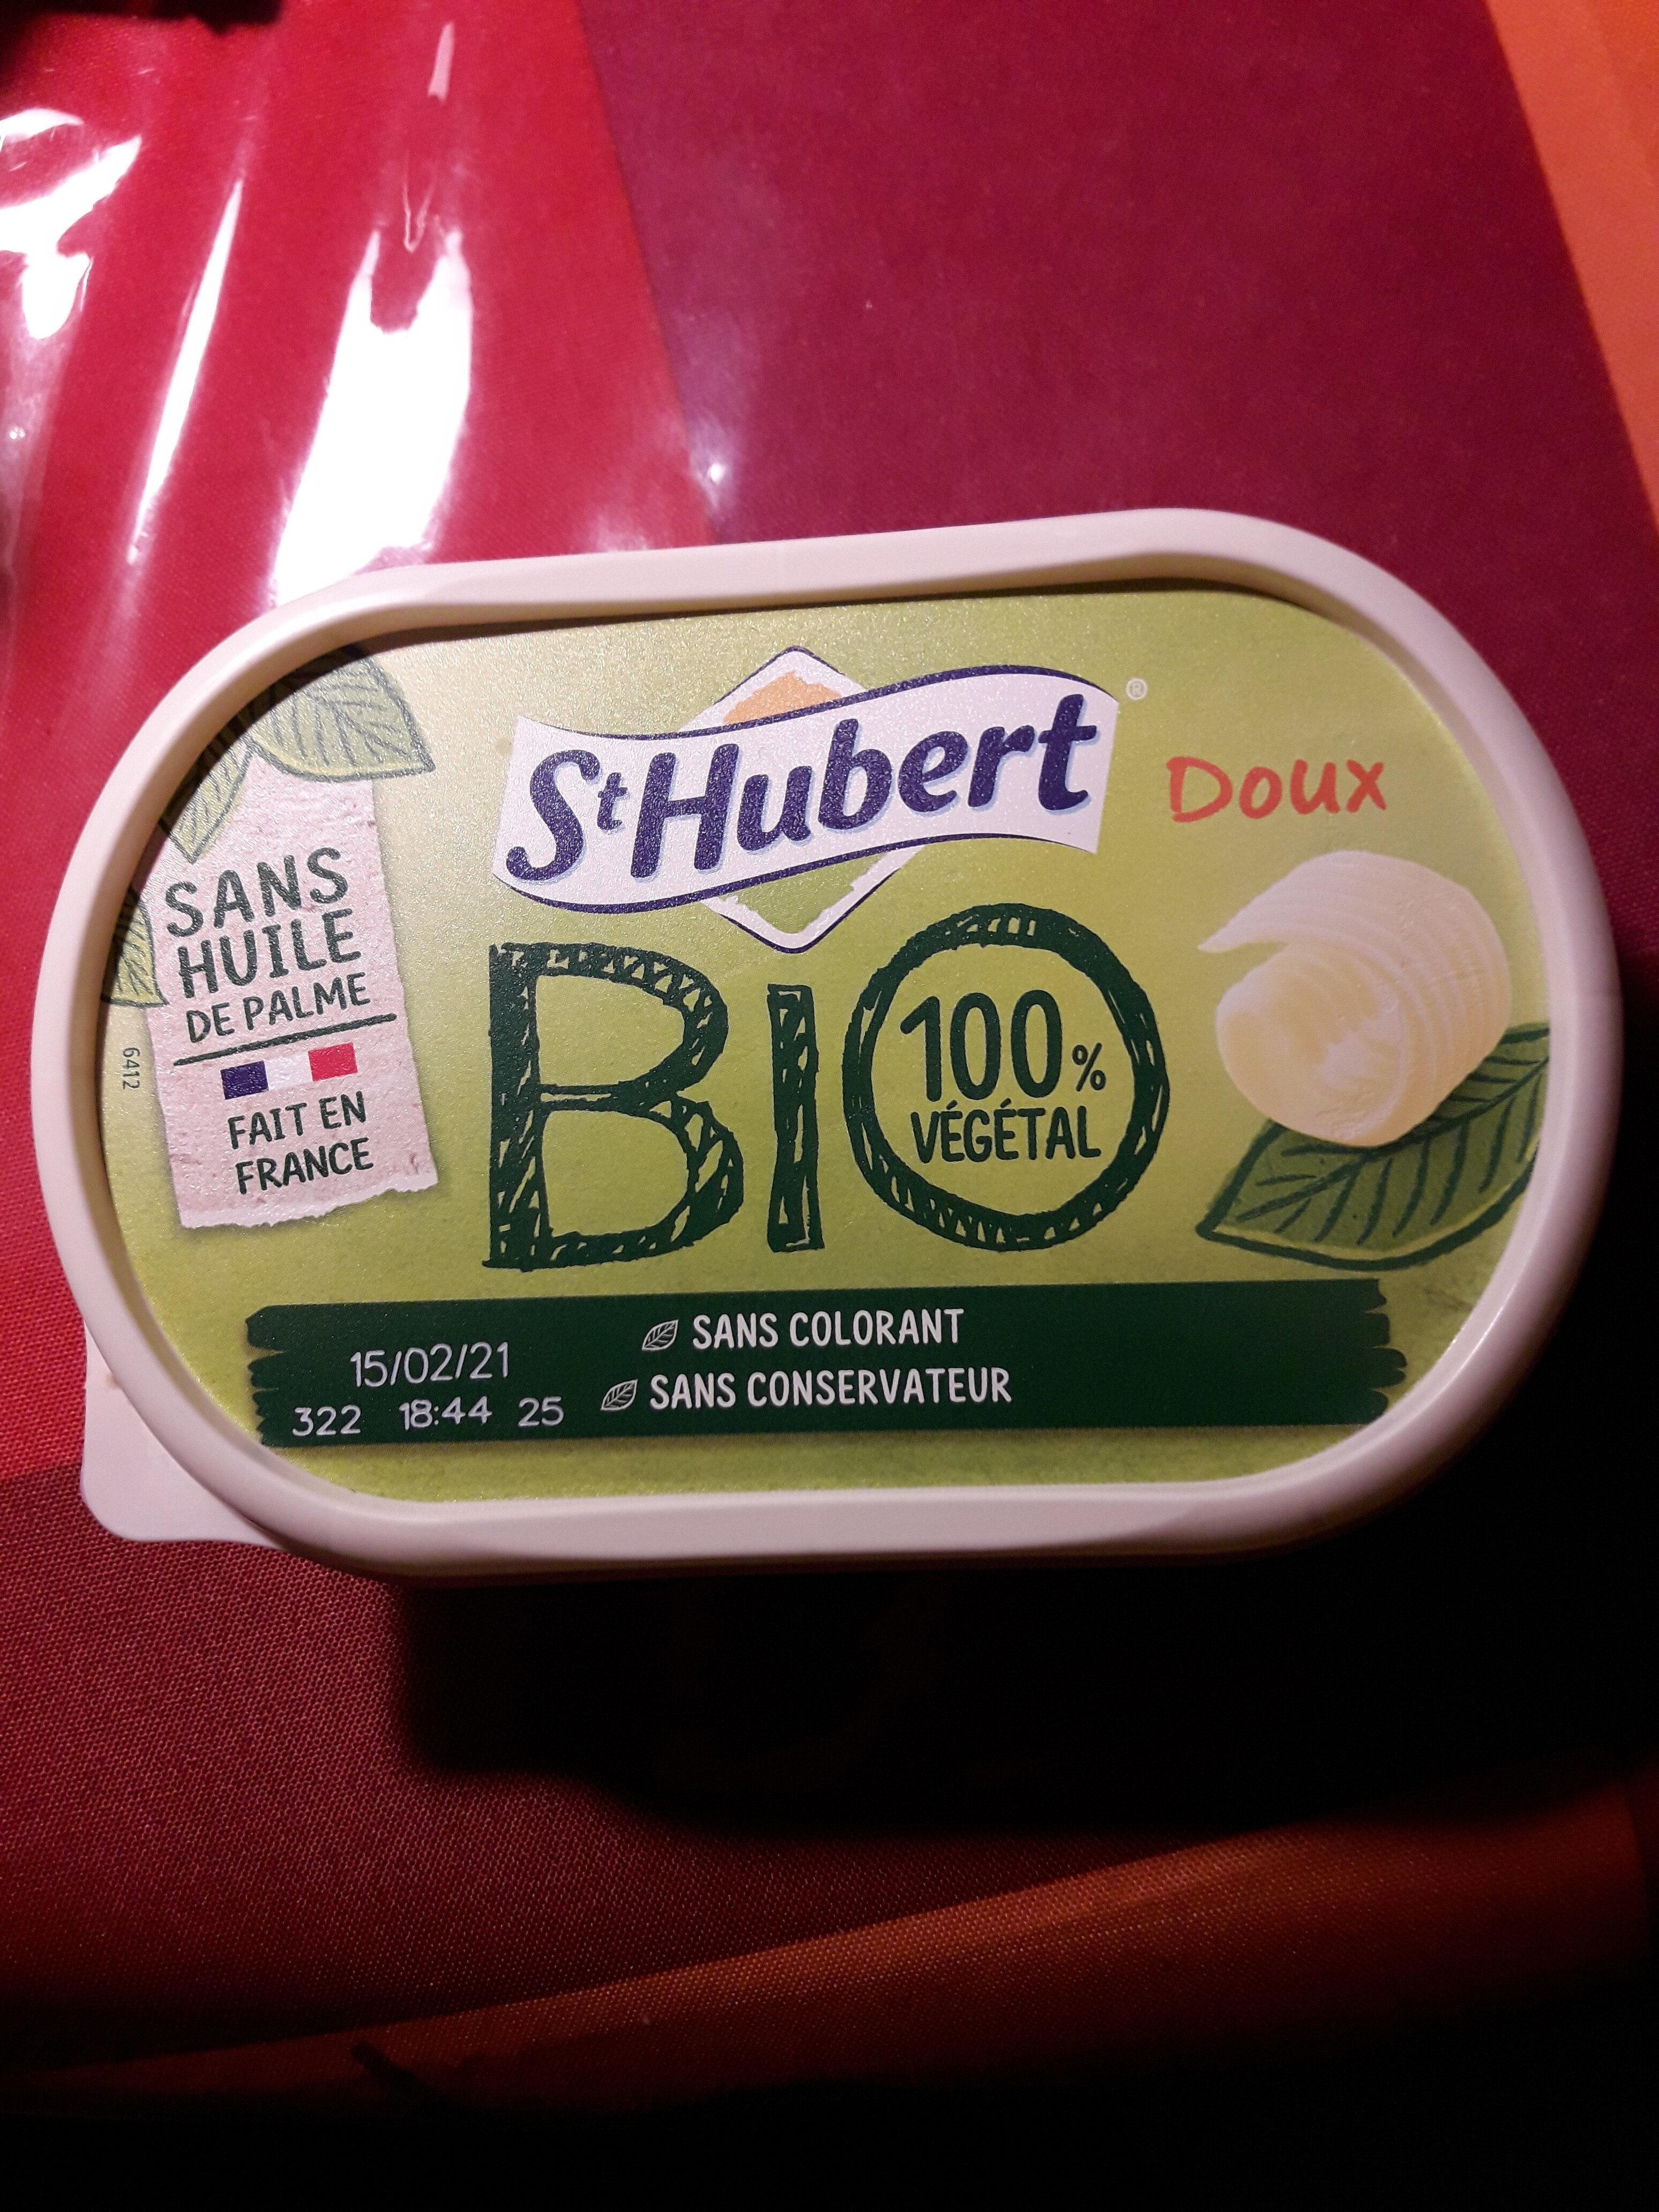 St Hubert bio doux pour tartine et cuisine - Product - fr